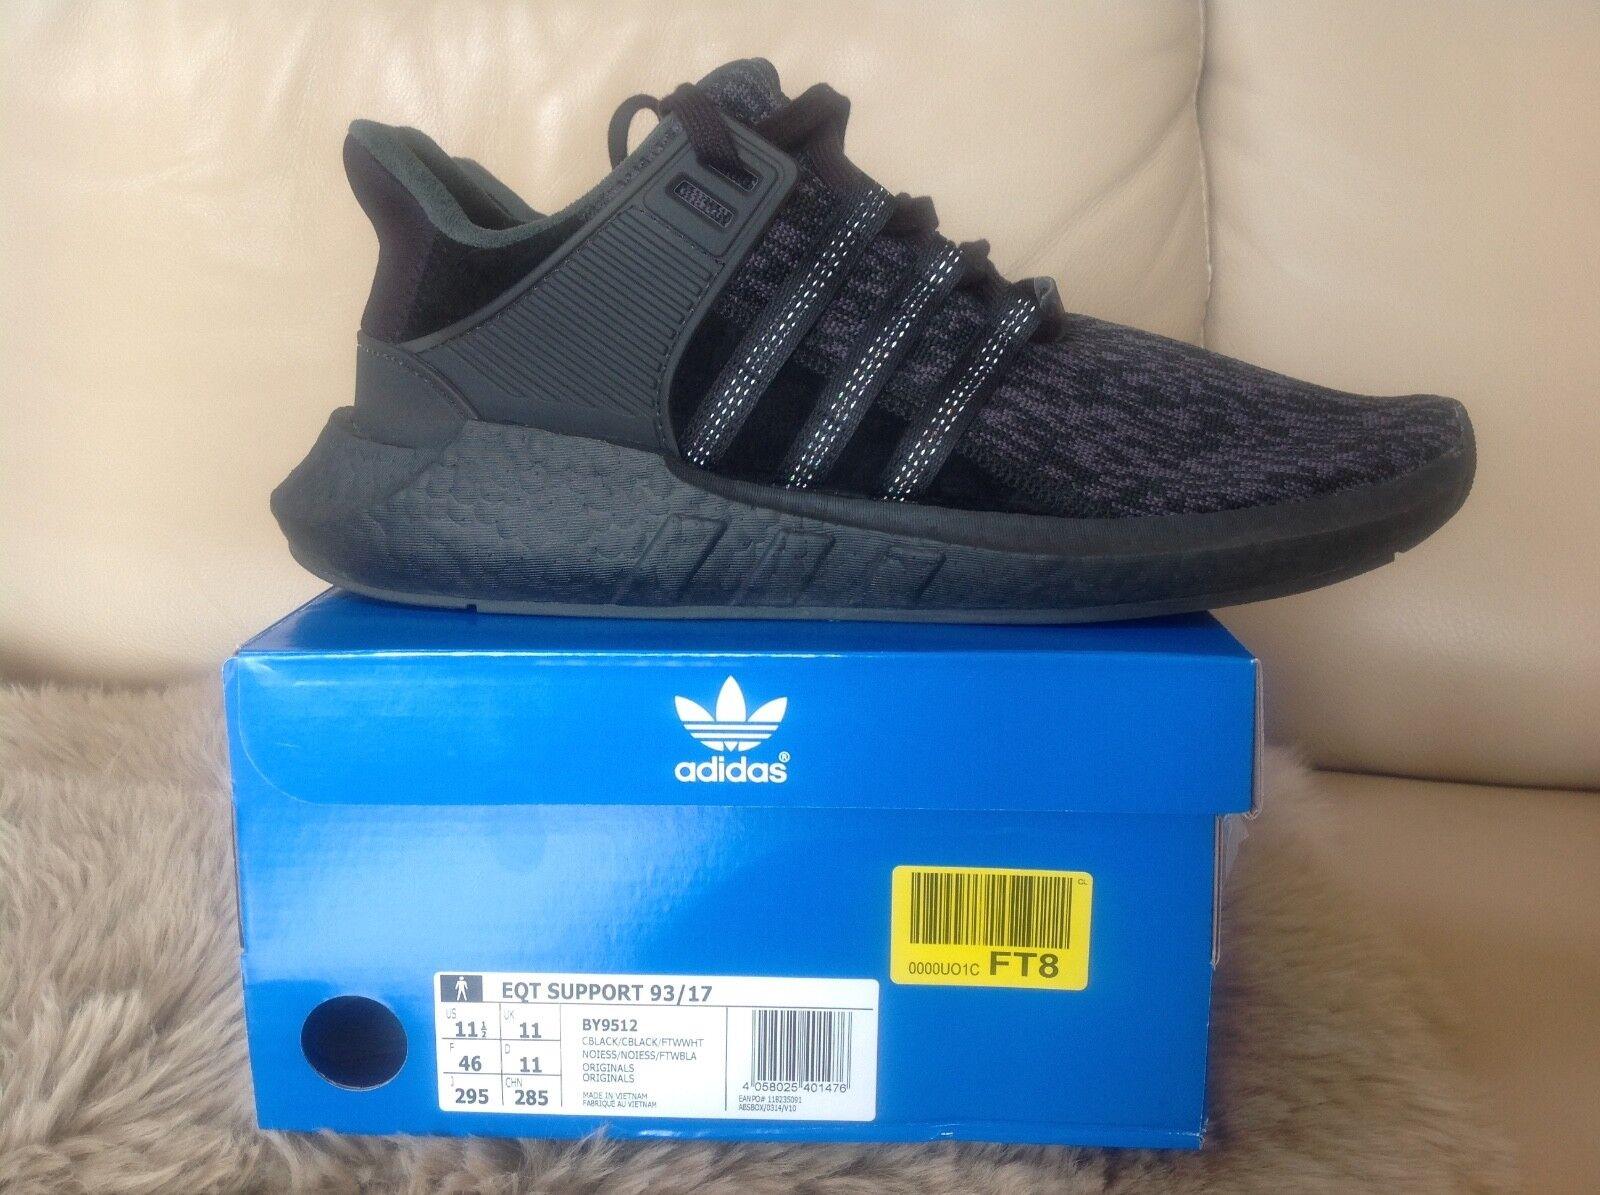 Adidas Equipment EQT boost schwarz original Turnschuhe sneaker Gr46 11 NMD yeezy